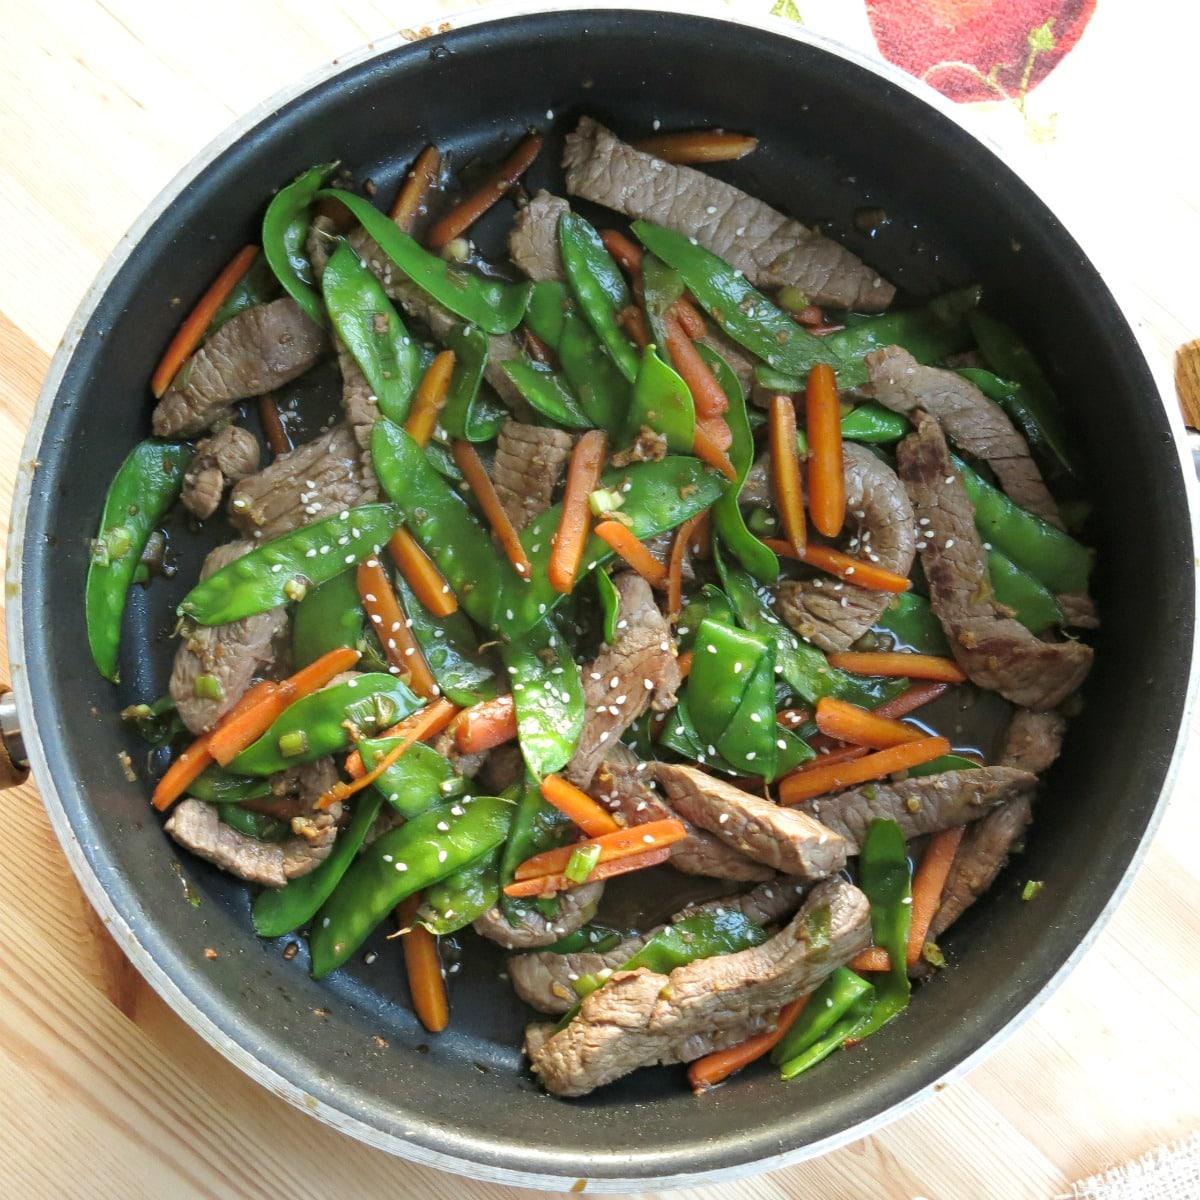 Asian beef stir fry in skillet